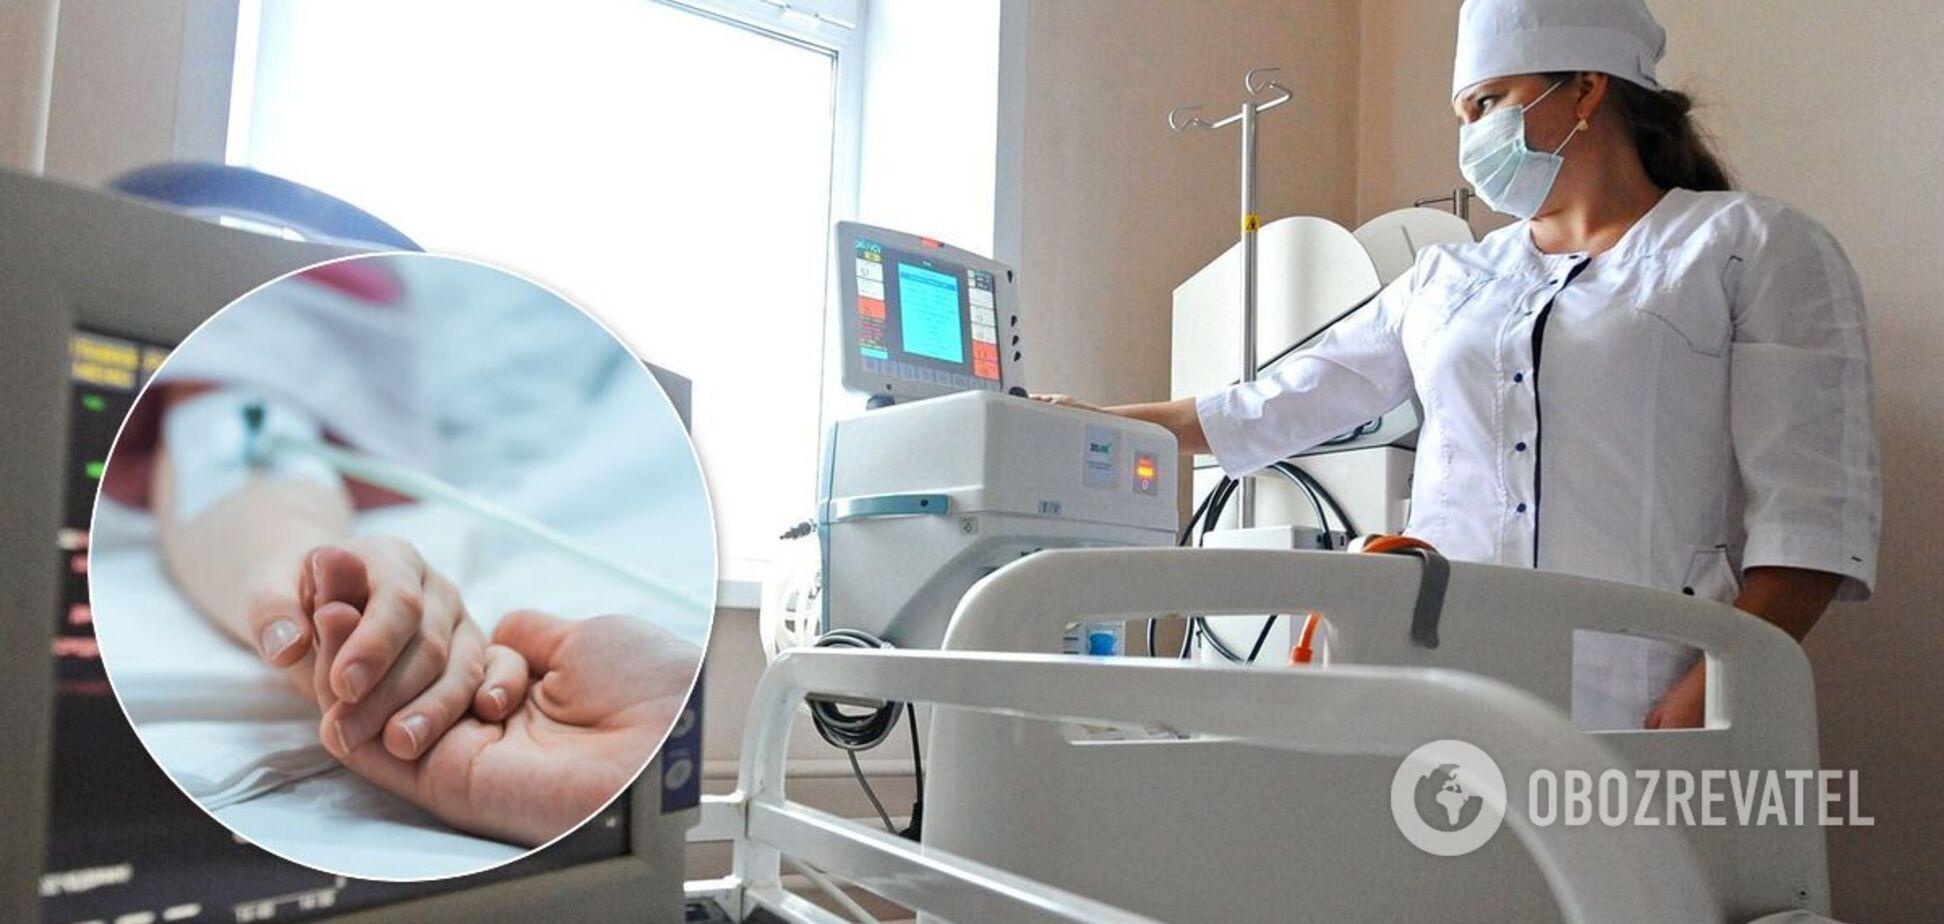 Смертність від COVID-19 в Україні нижча, ніж у Польщі? Лікар розкрив обман статистики